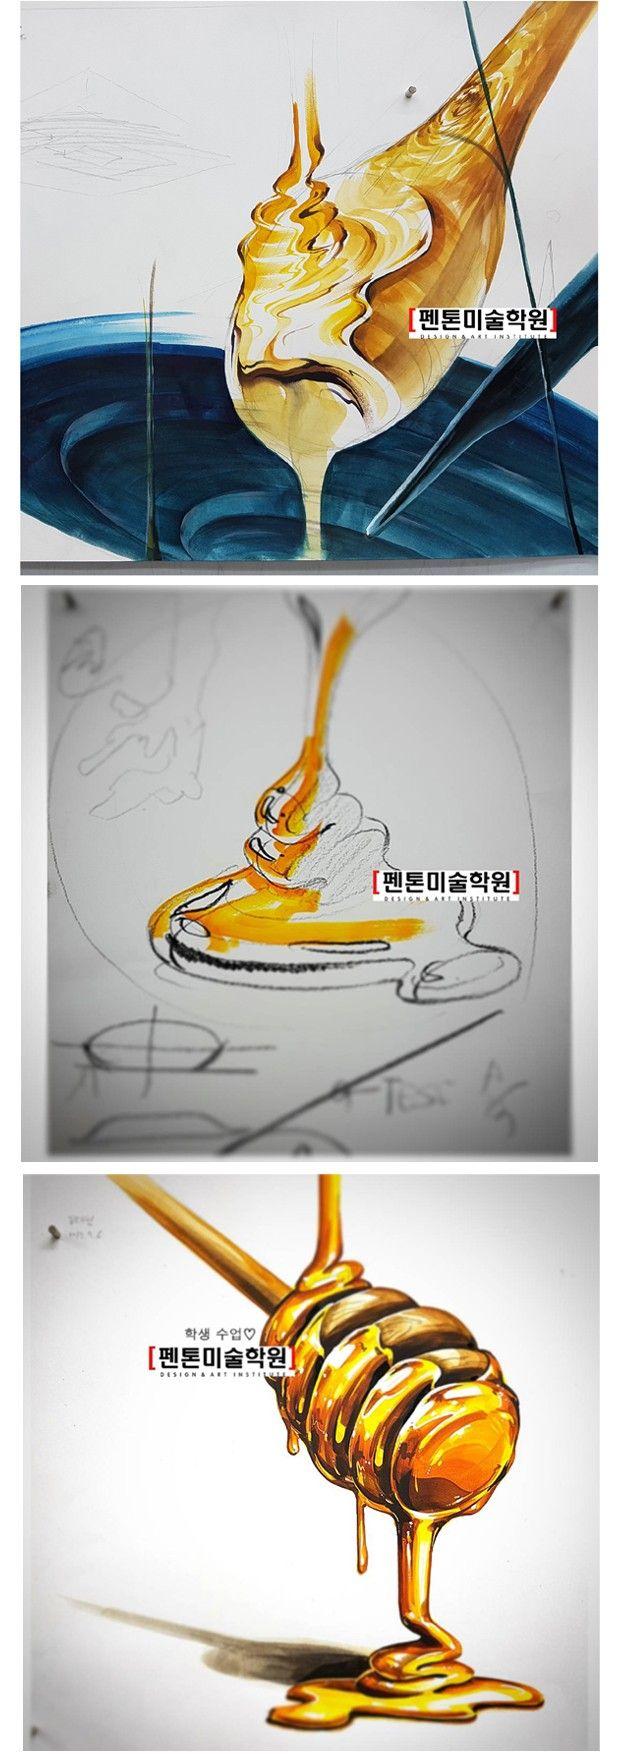 [펜톤미술학원] 꿀 원리, 고형액체 파악해서 그리기 알고 그리자! 기초디자인, 개체묘사, 개체표현